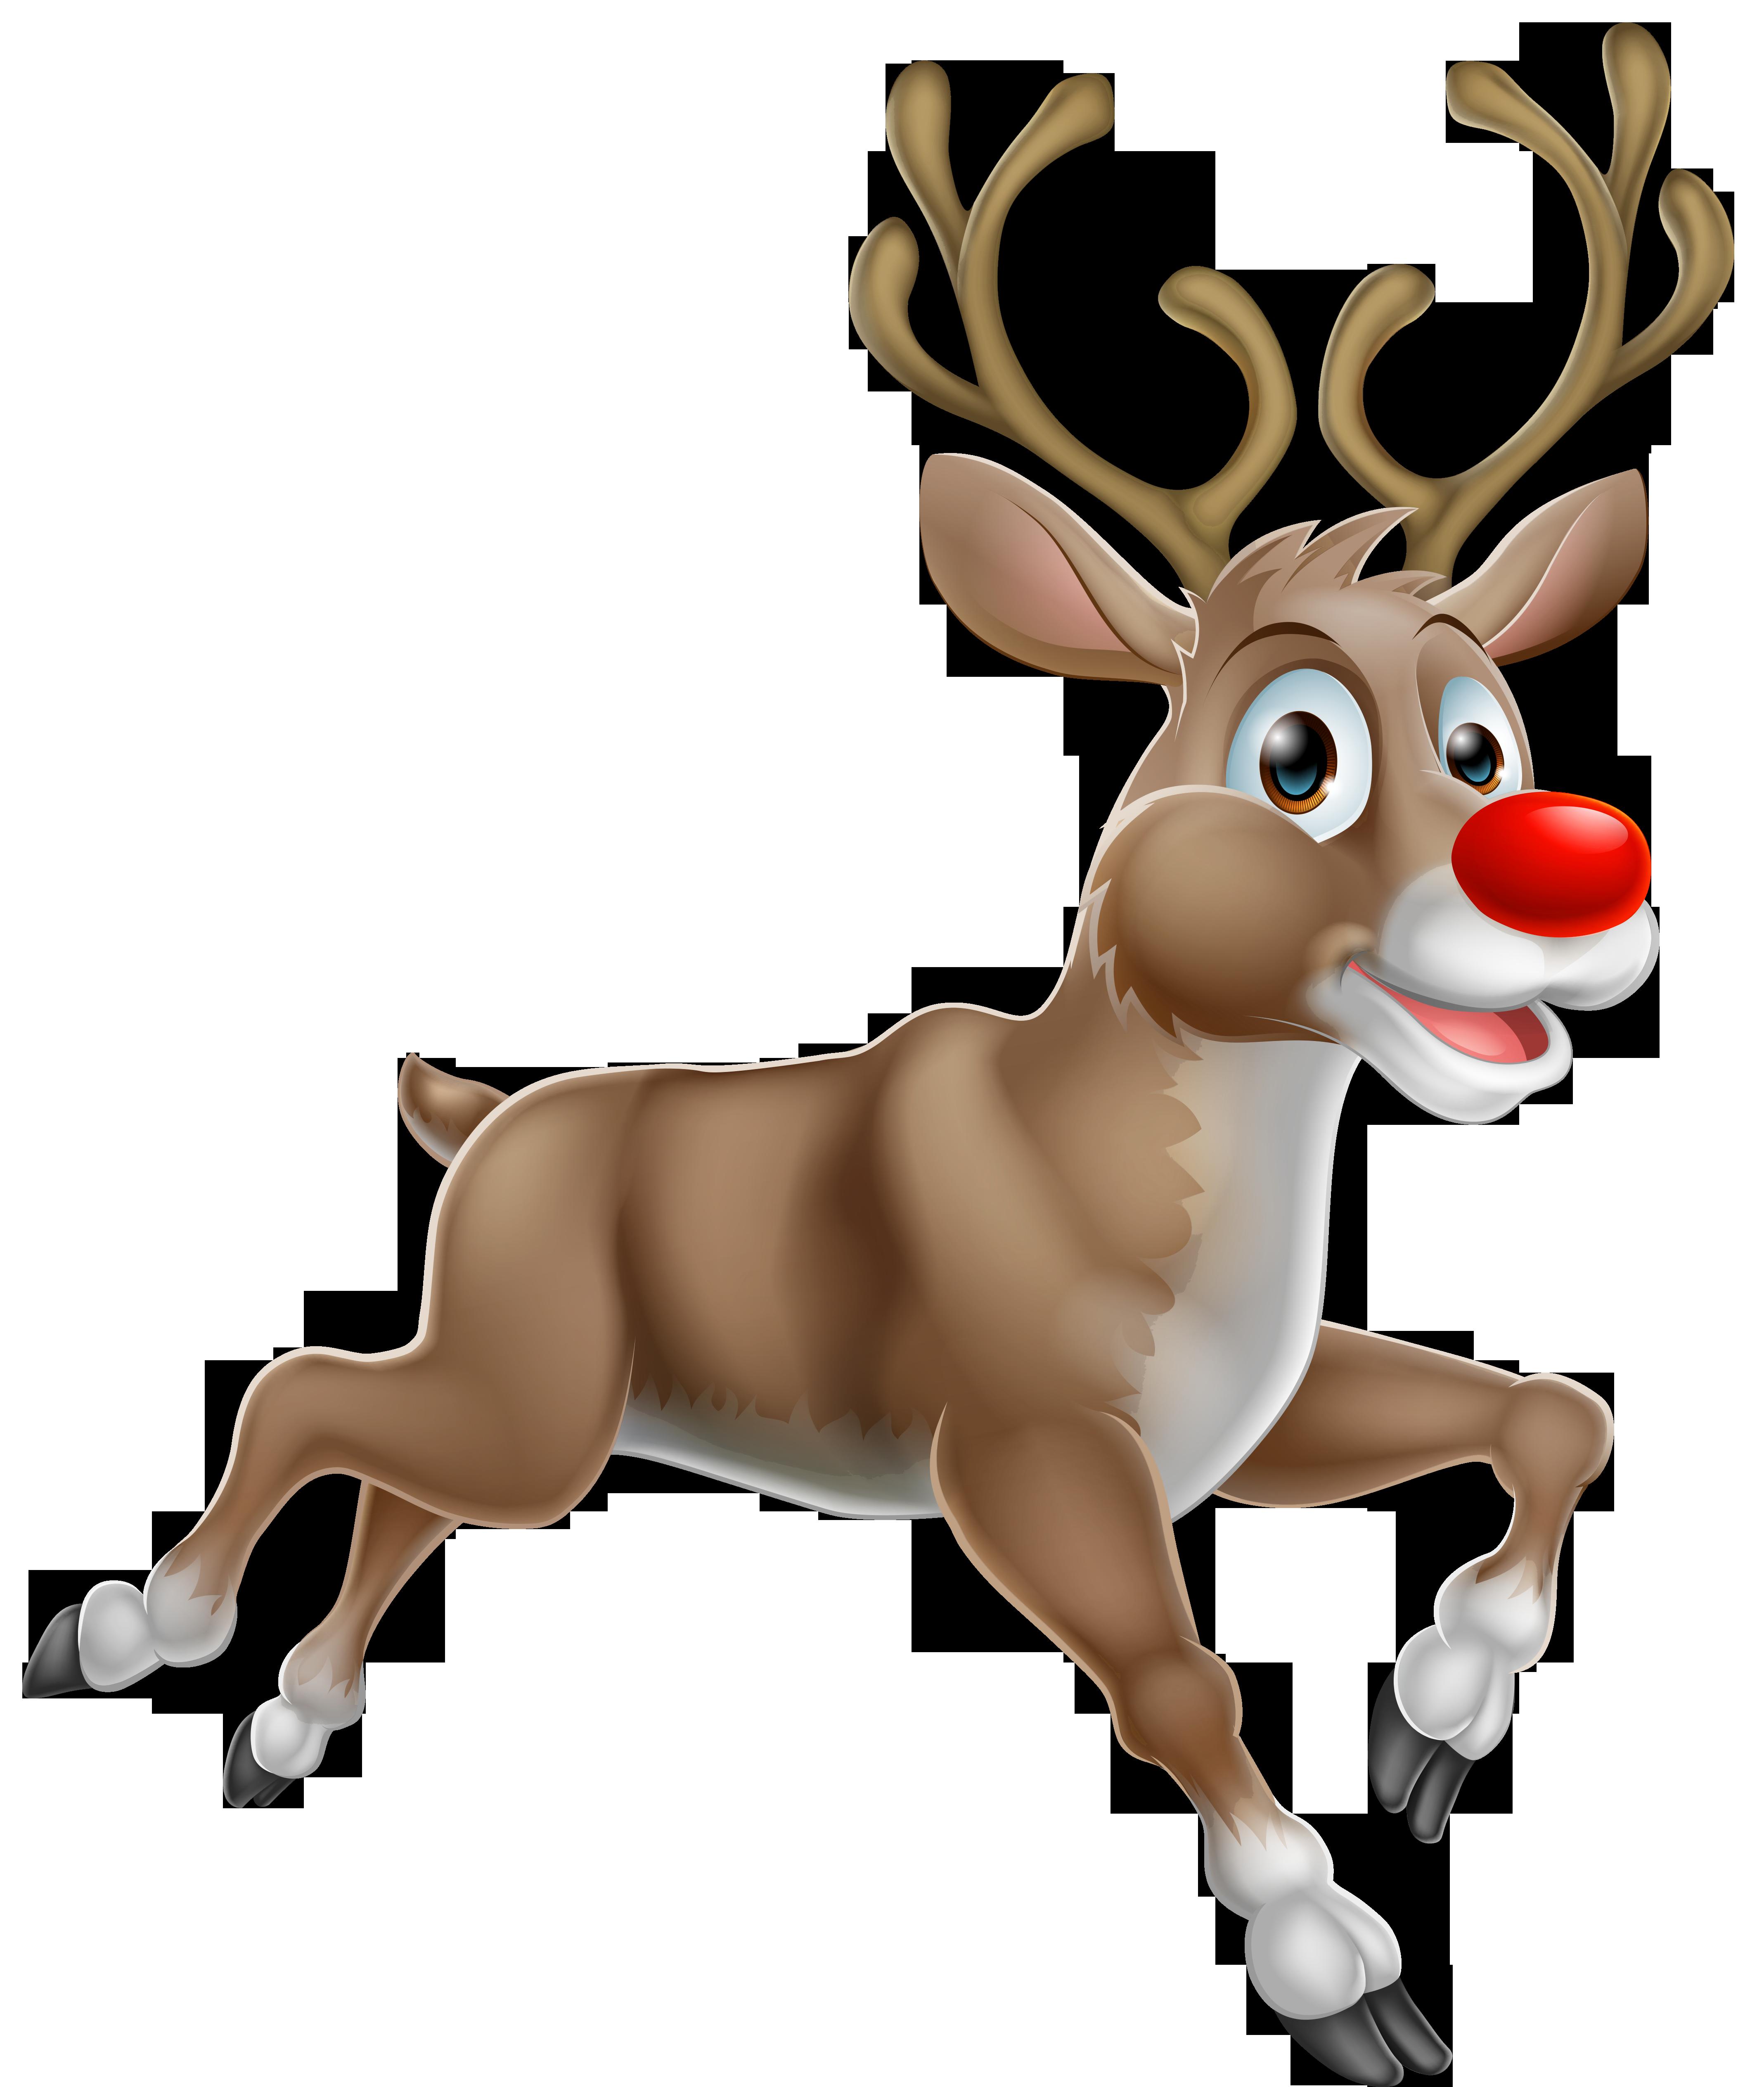 Transparent Christmas Rudolph PNG Clipar-Transparent Christmas Rudolph PNG Clipart-16